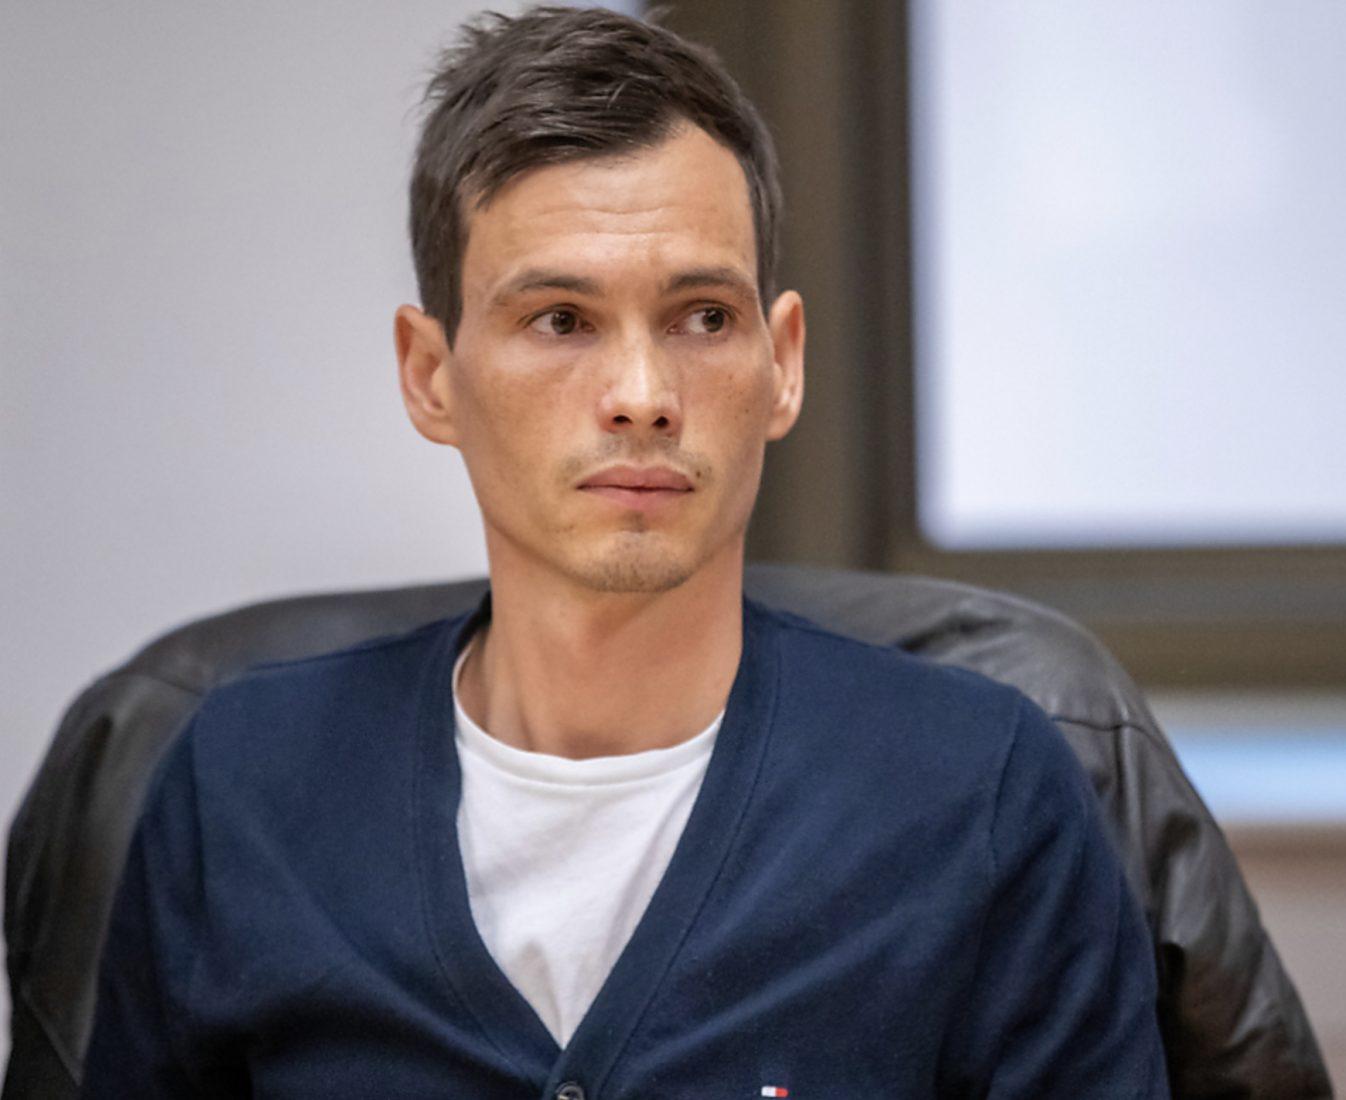 Operazione Aderlass: Stefan Denifl condannato